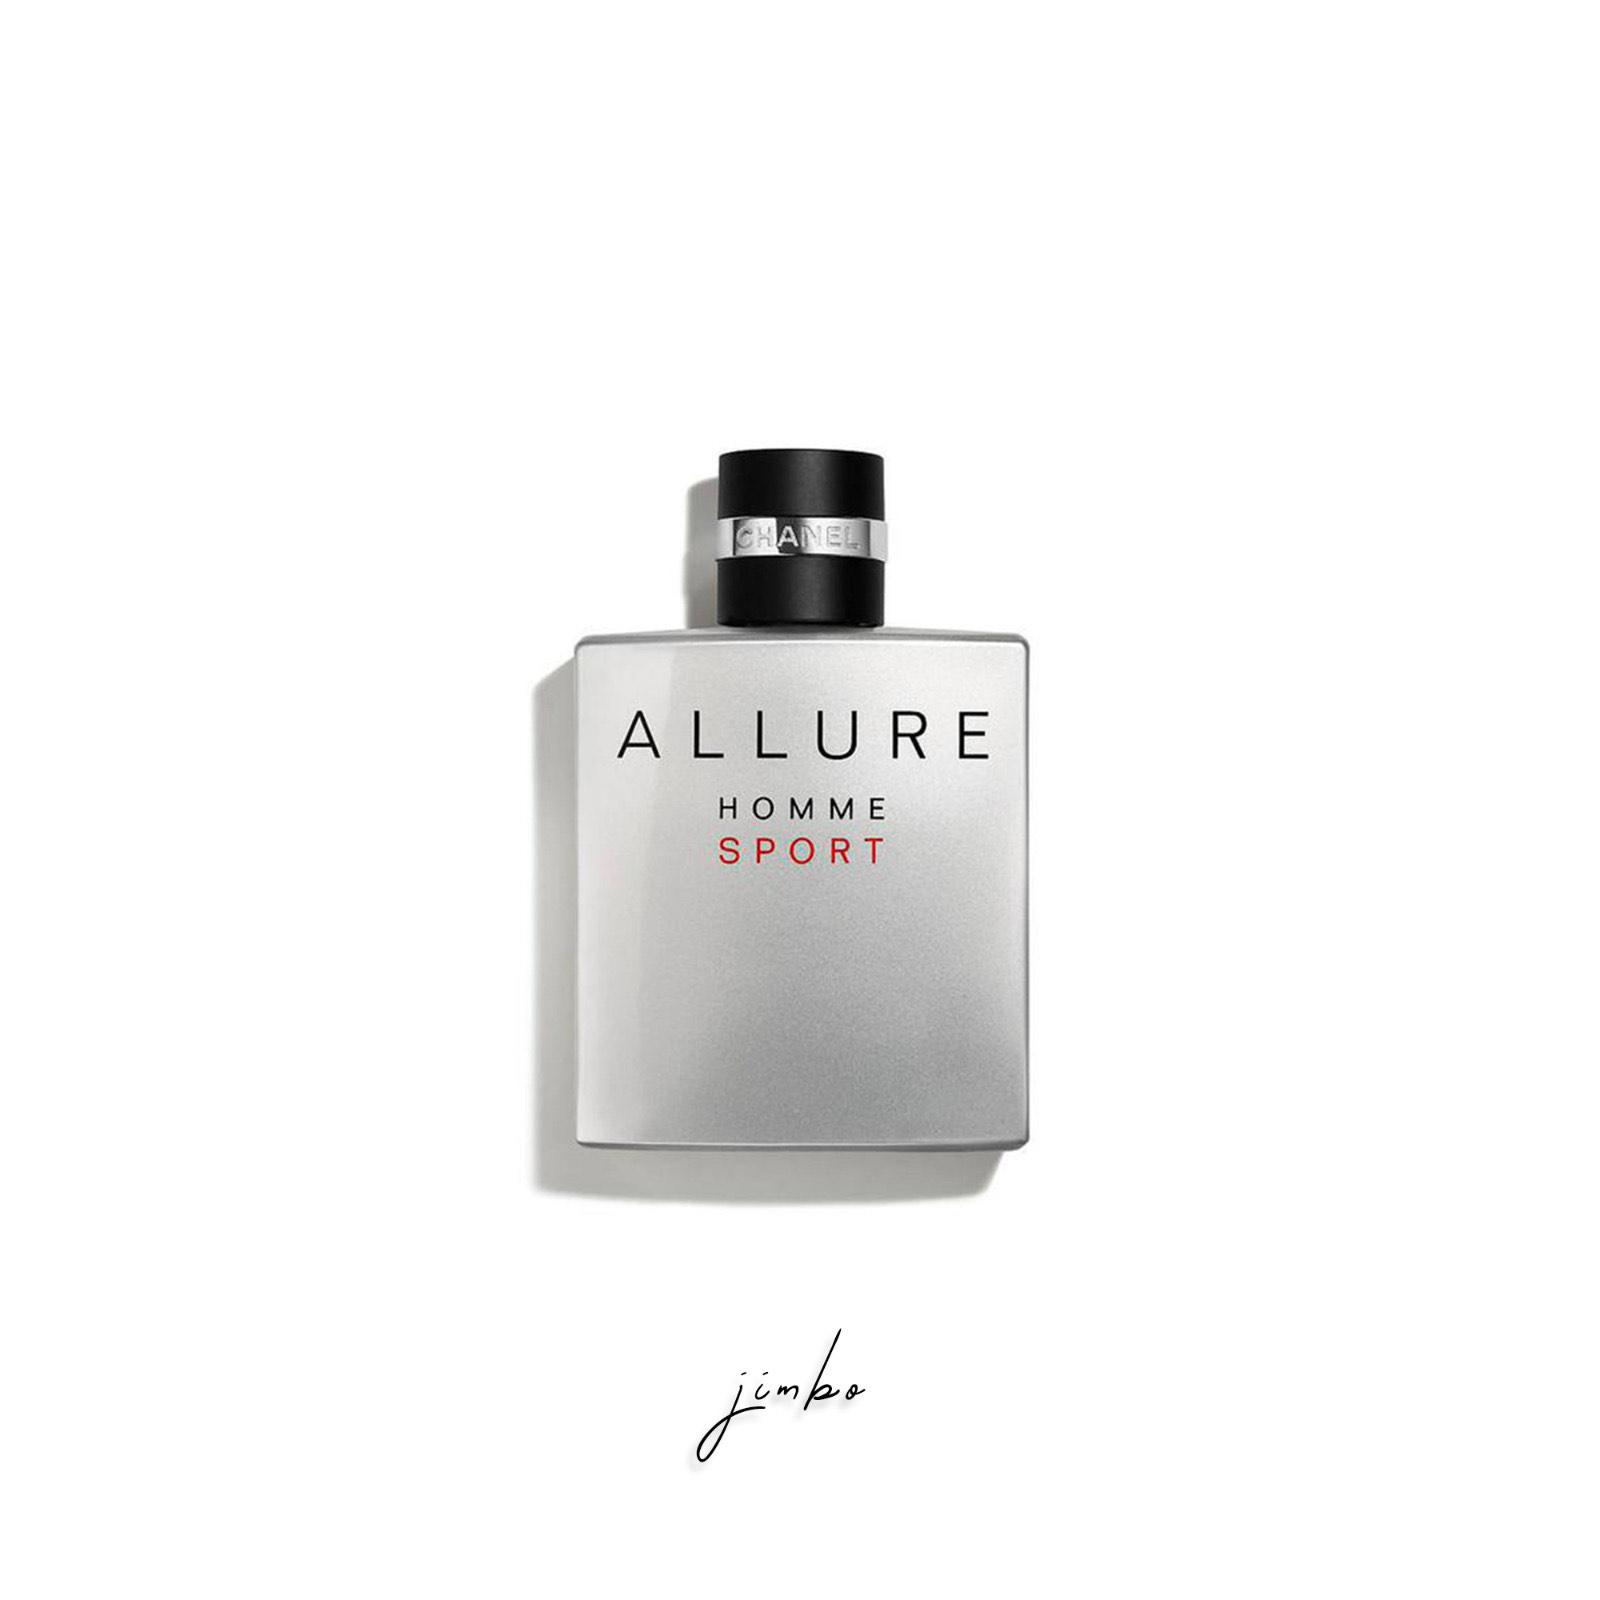 Upcoming: Jimbo - Allure